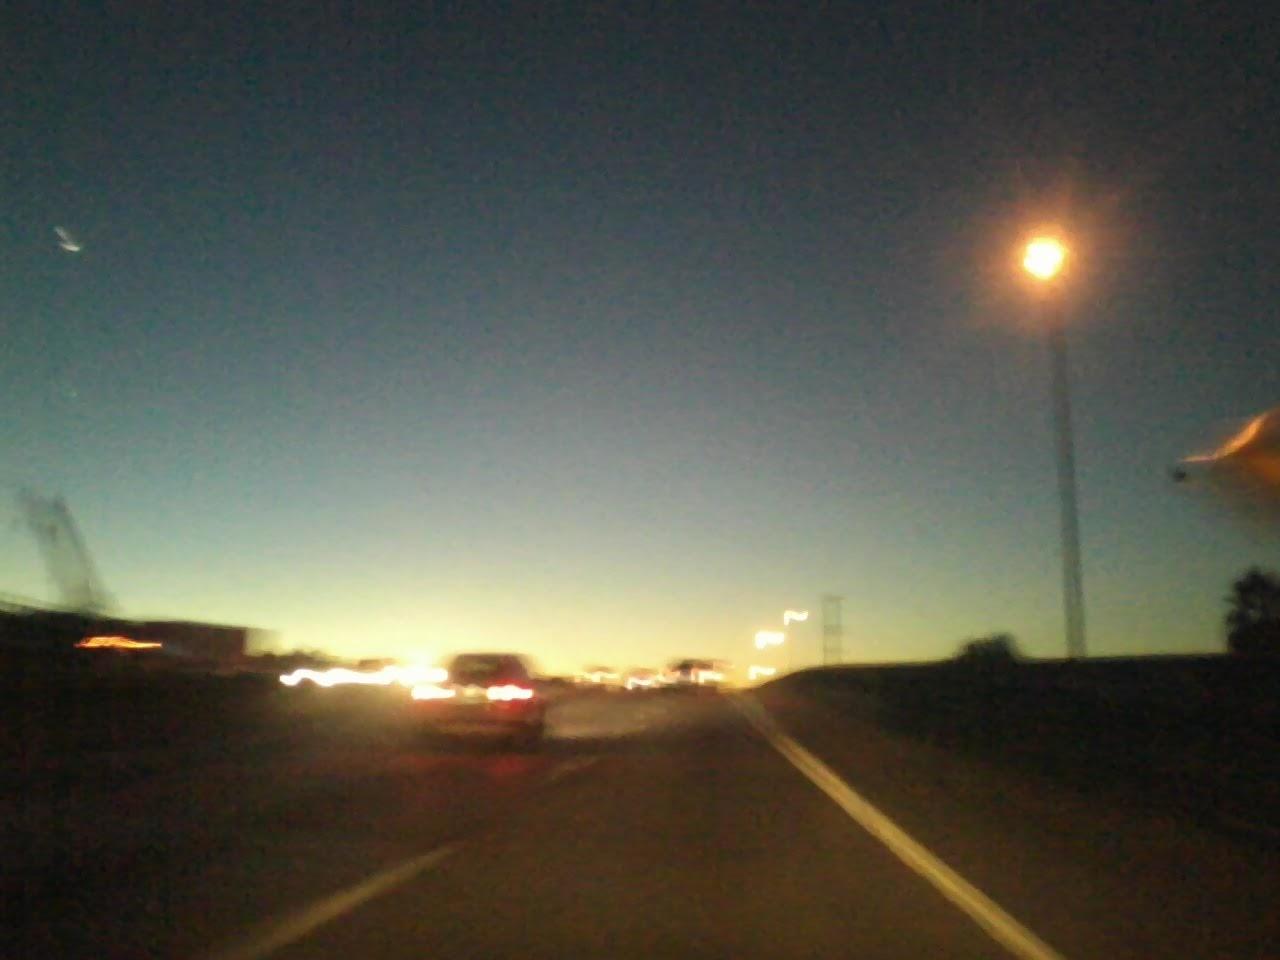 Sky - 1017065631.jpg